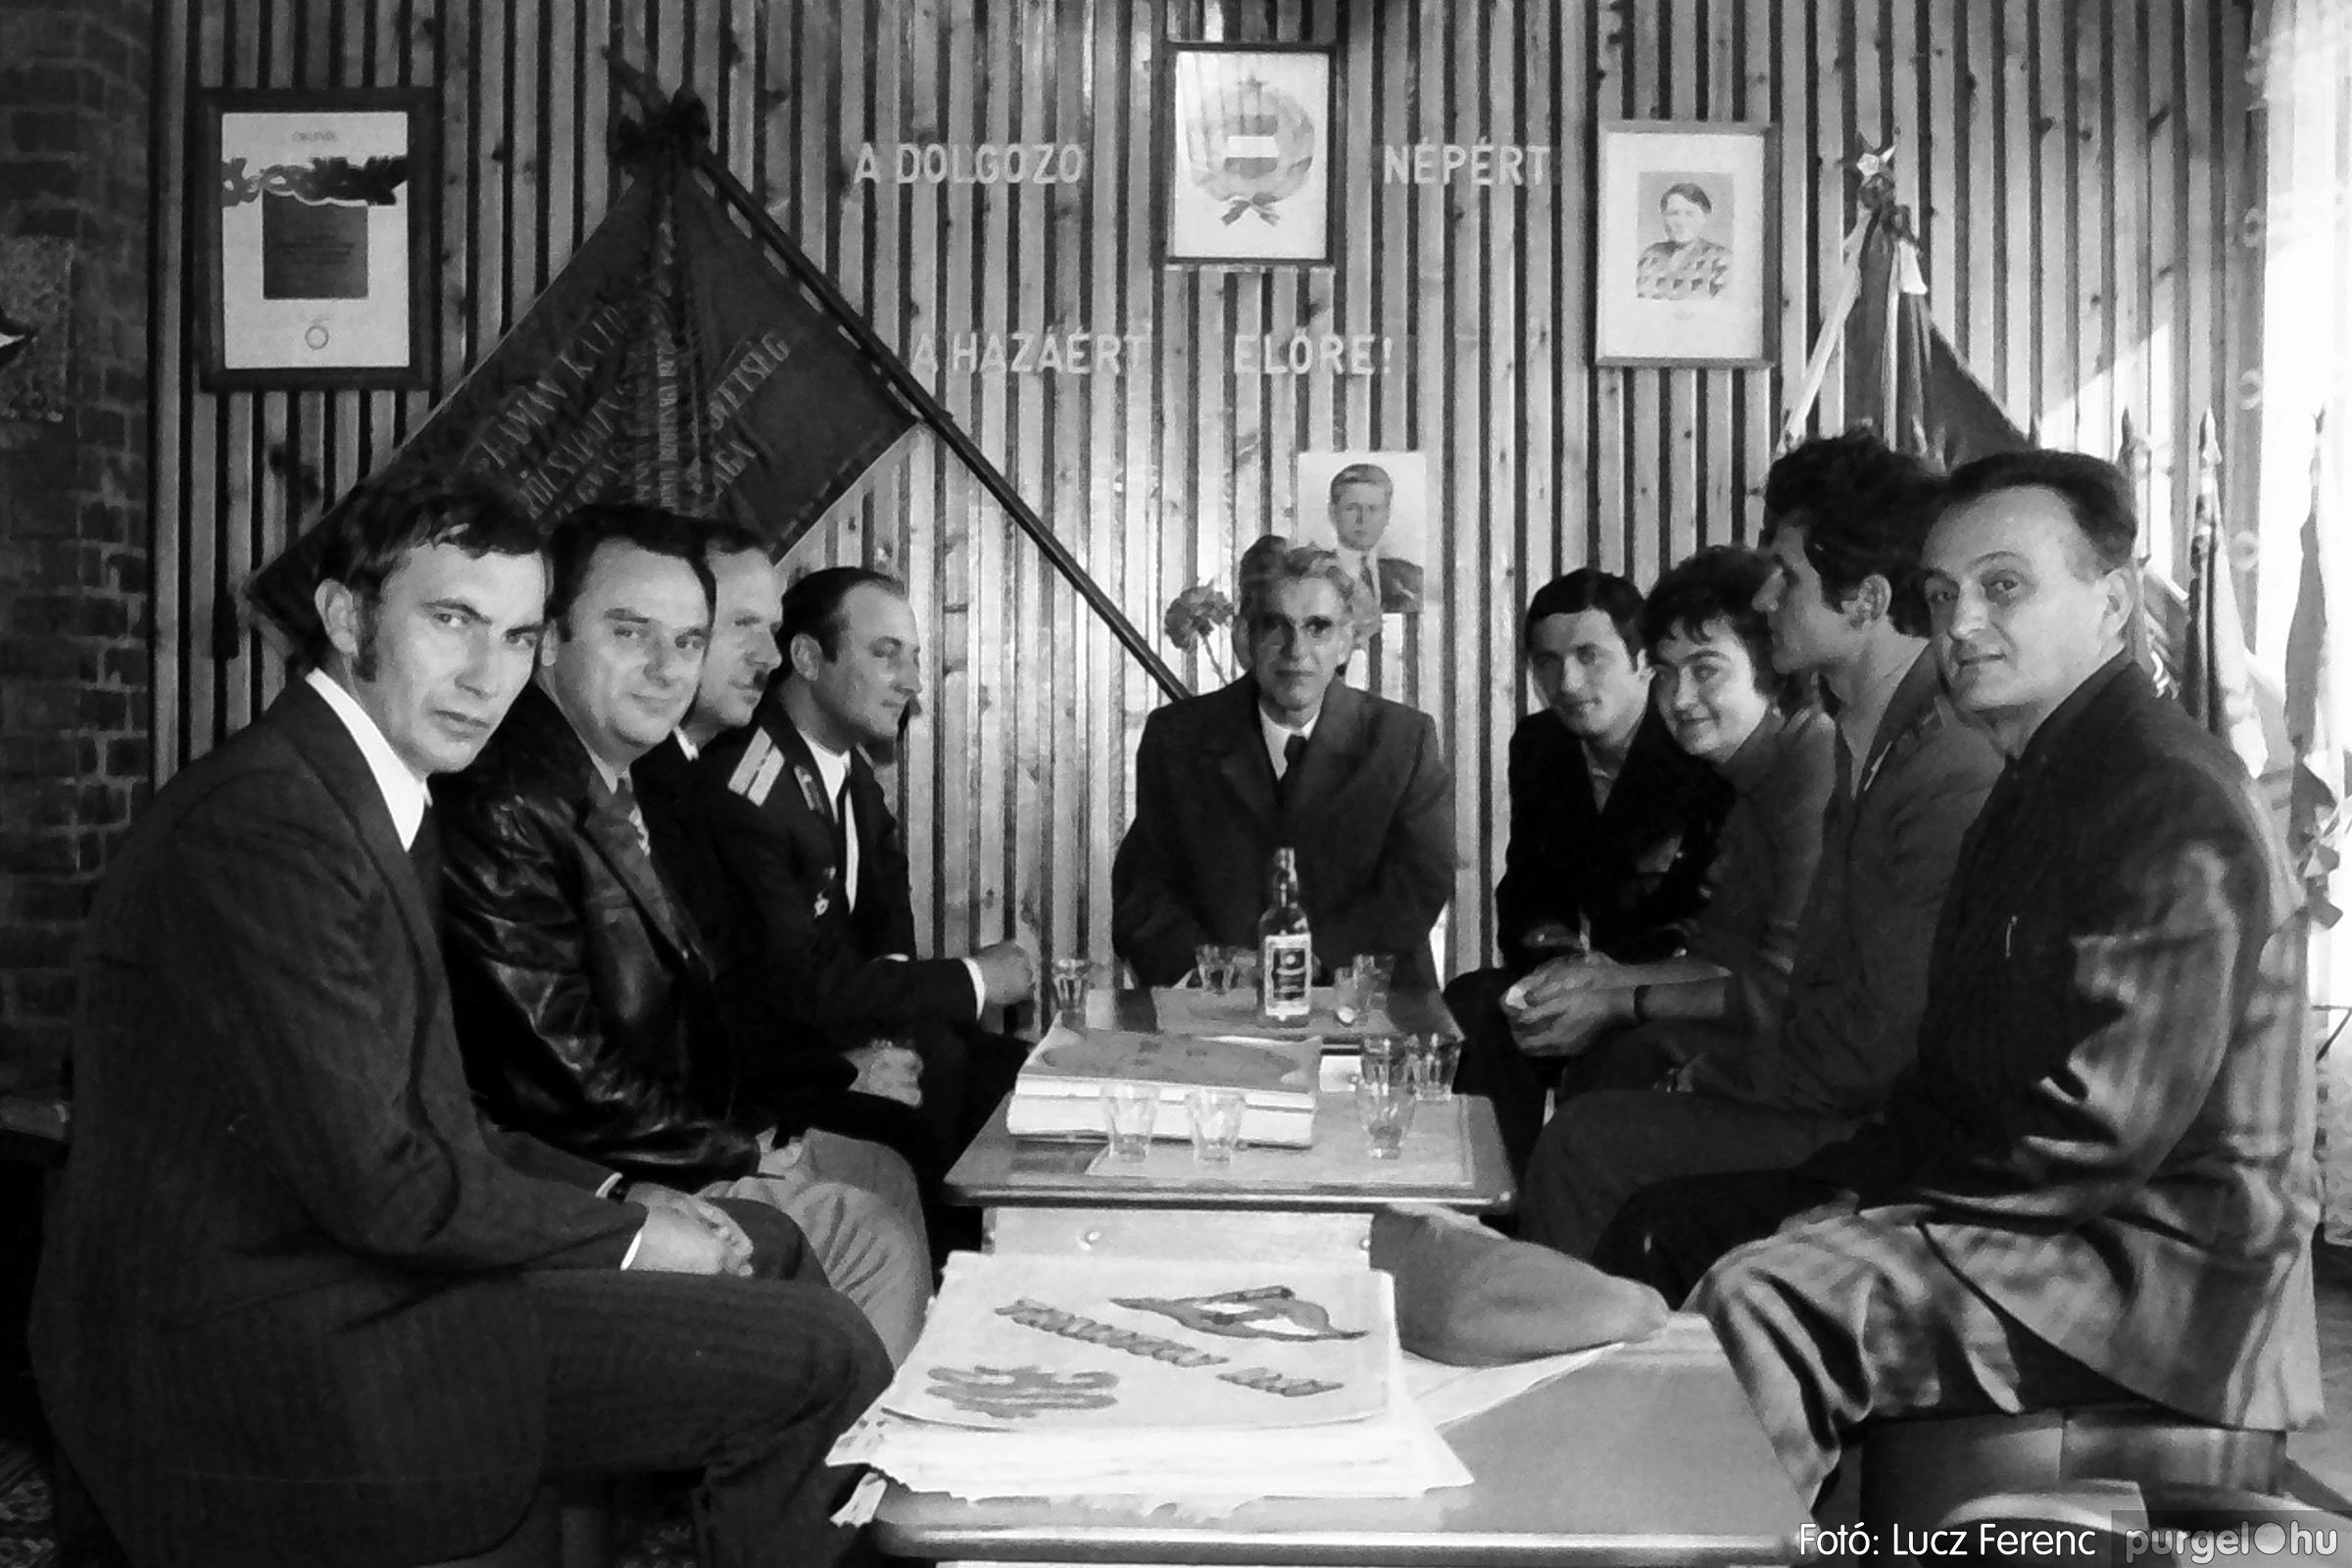 093. 1977. Szovjet katonák látogatása a nagy októberi szocialista forradalom 60. évfordulóján 017. - Fotó: Lucz Ferenc.jpg